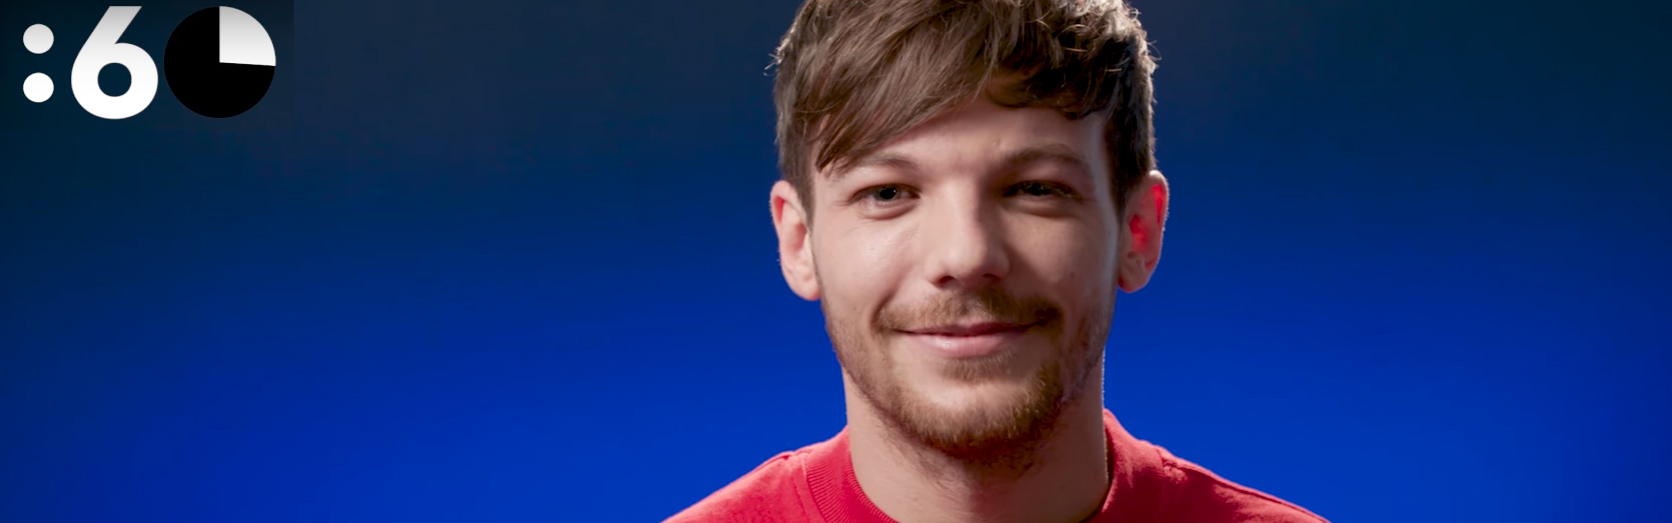 Louis60 header